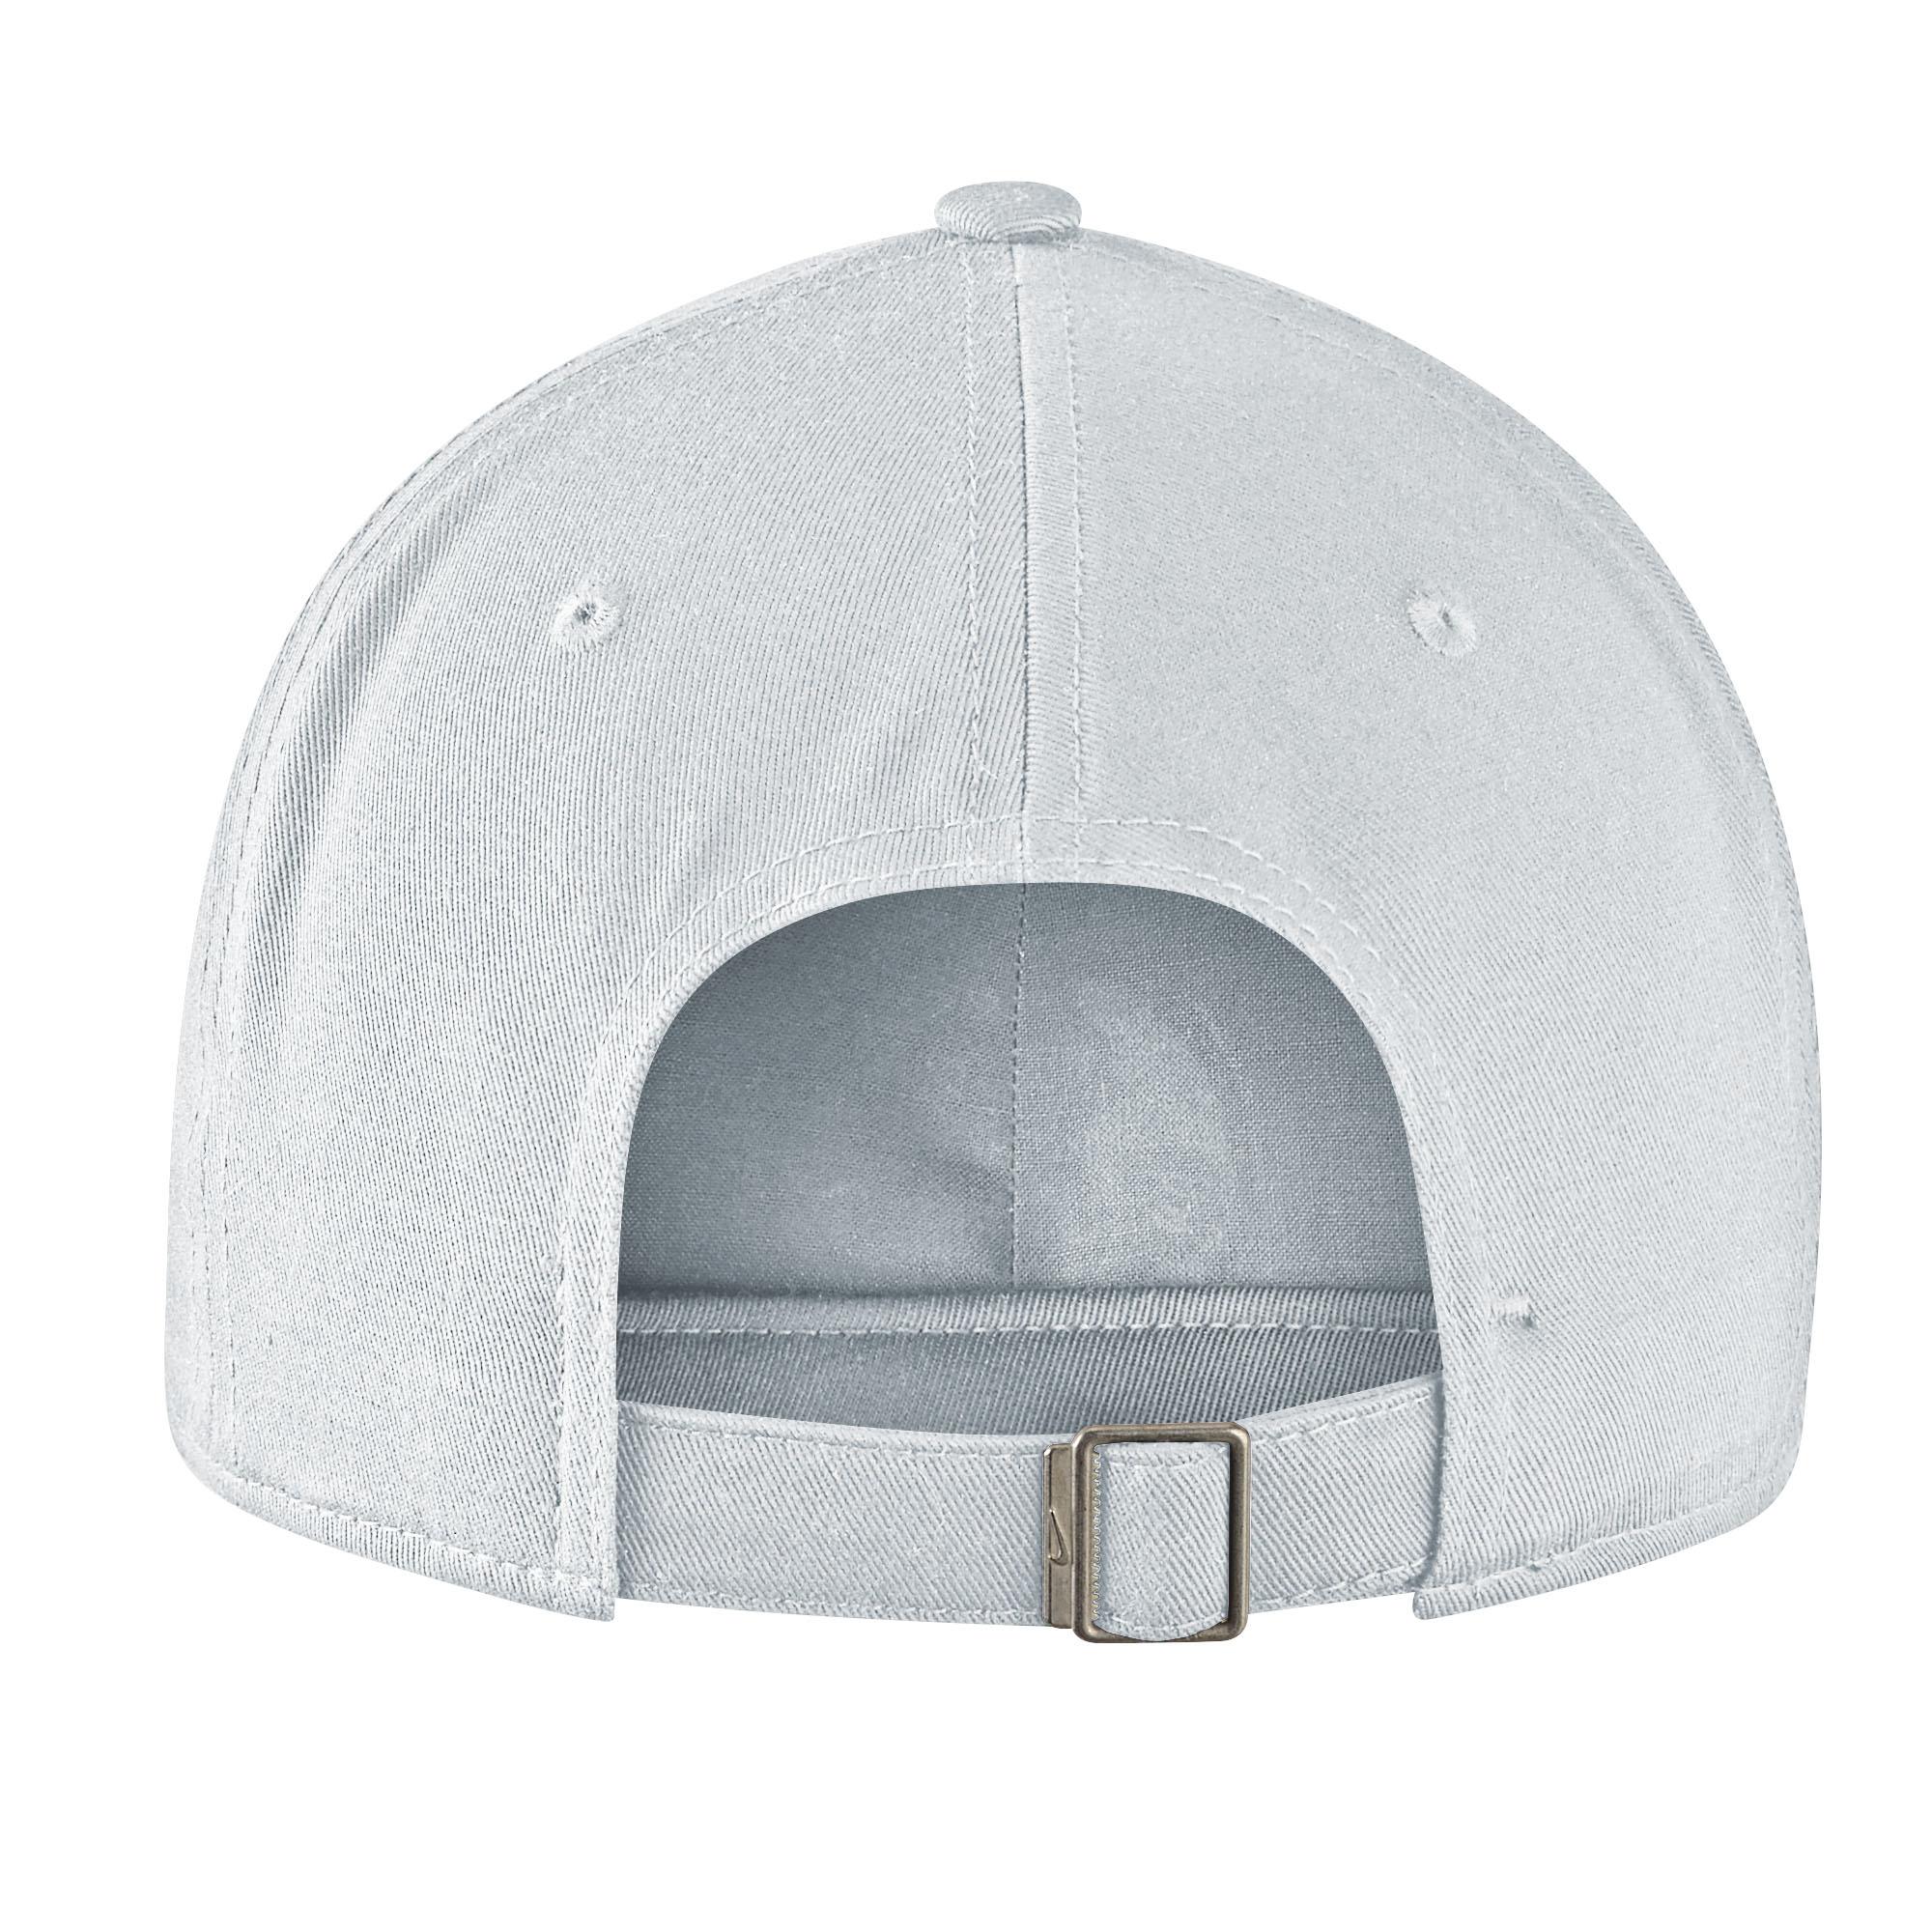 Nike Campus Cap White 2021-22